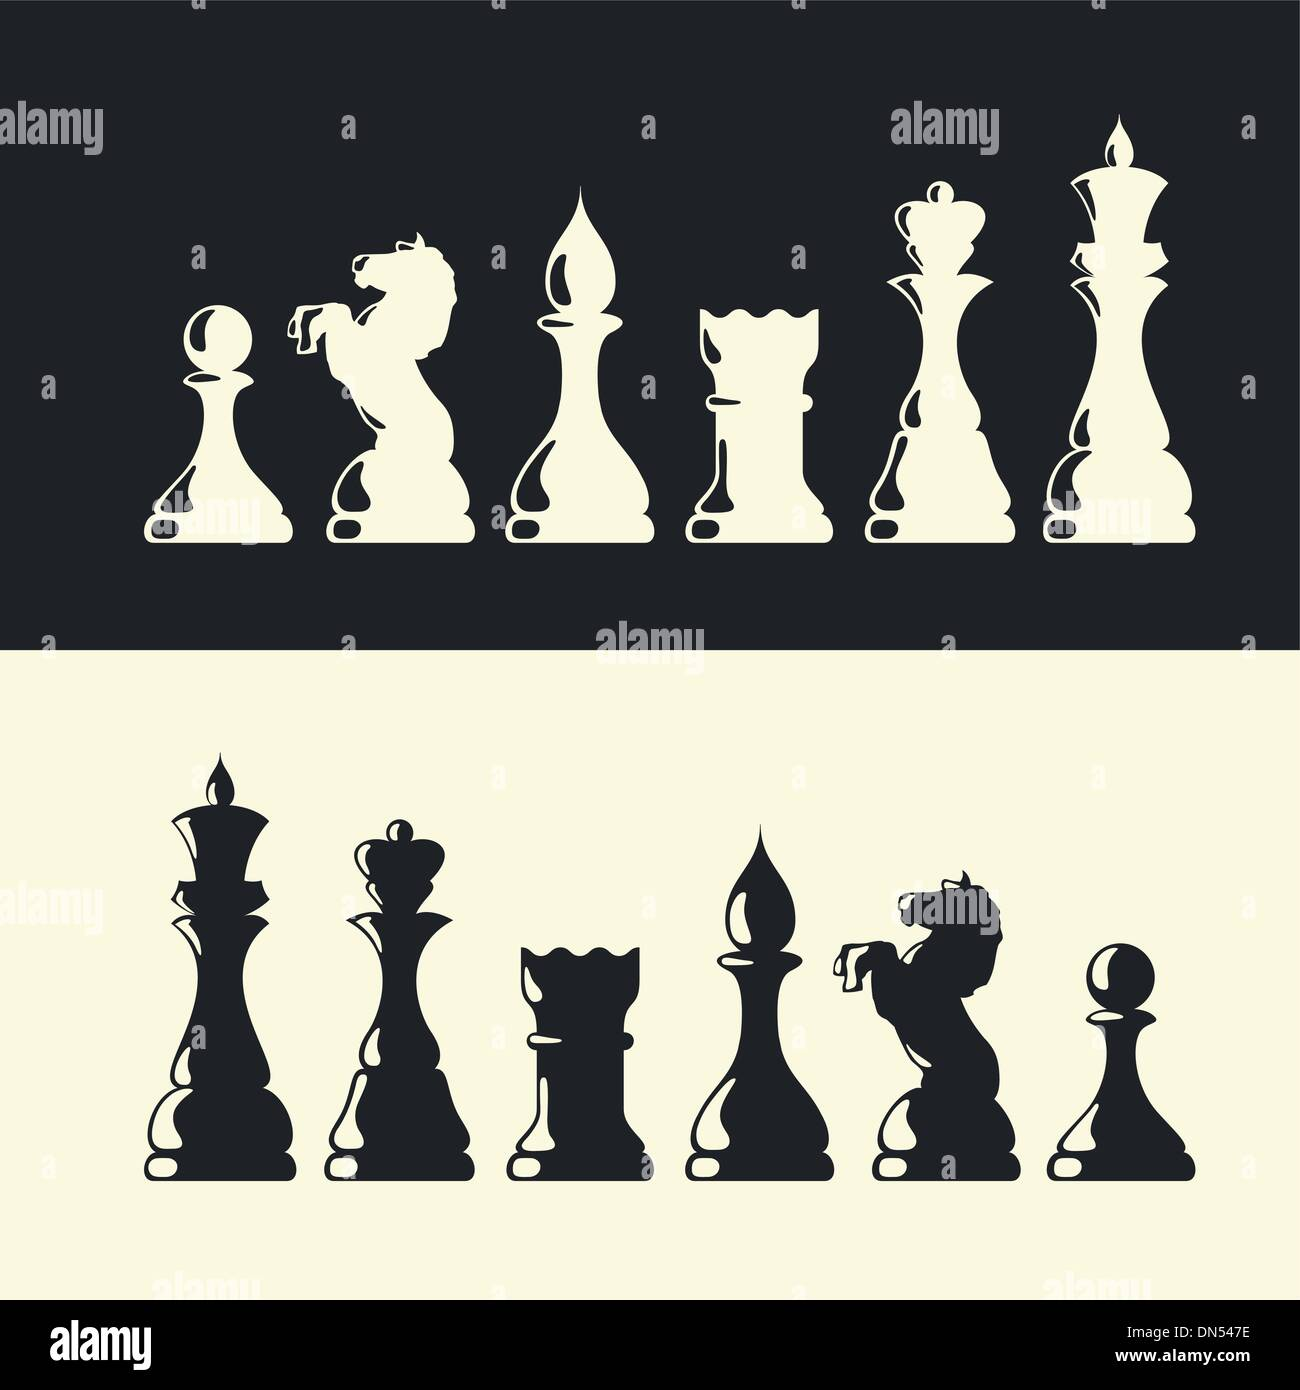 Pezzi di scacchi raccolta. Vettore Illustrazione Vettoriale